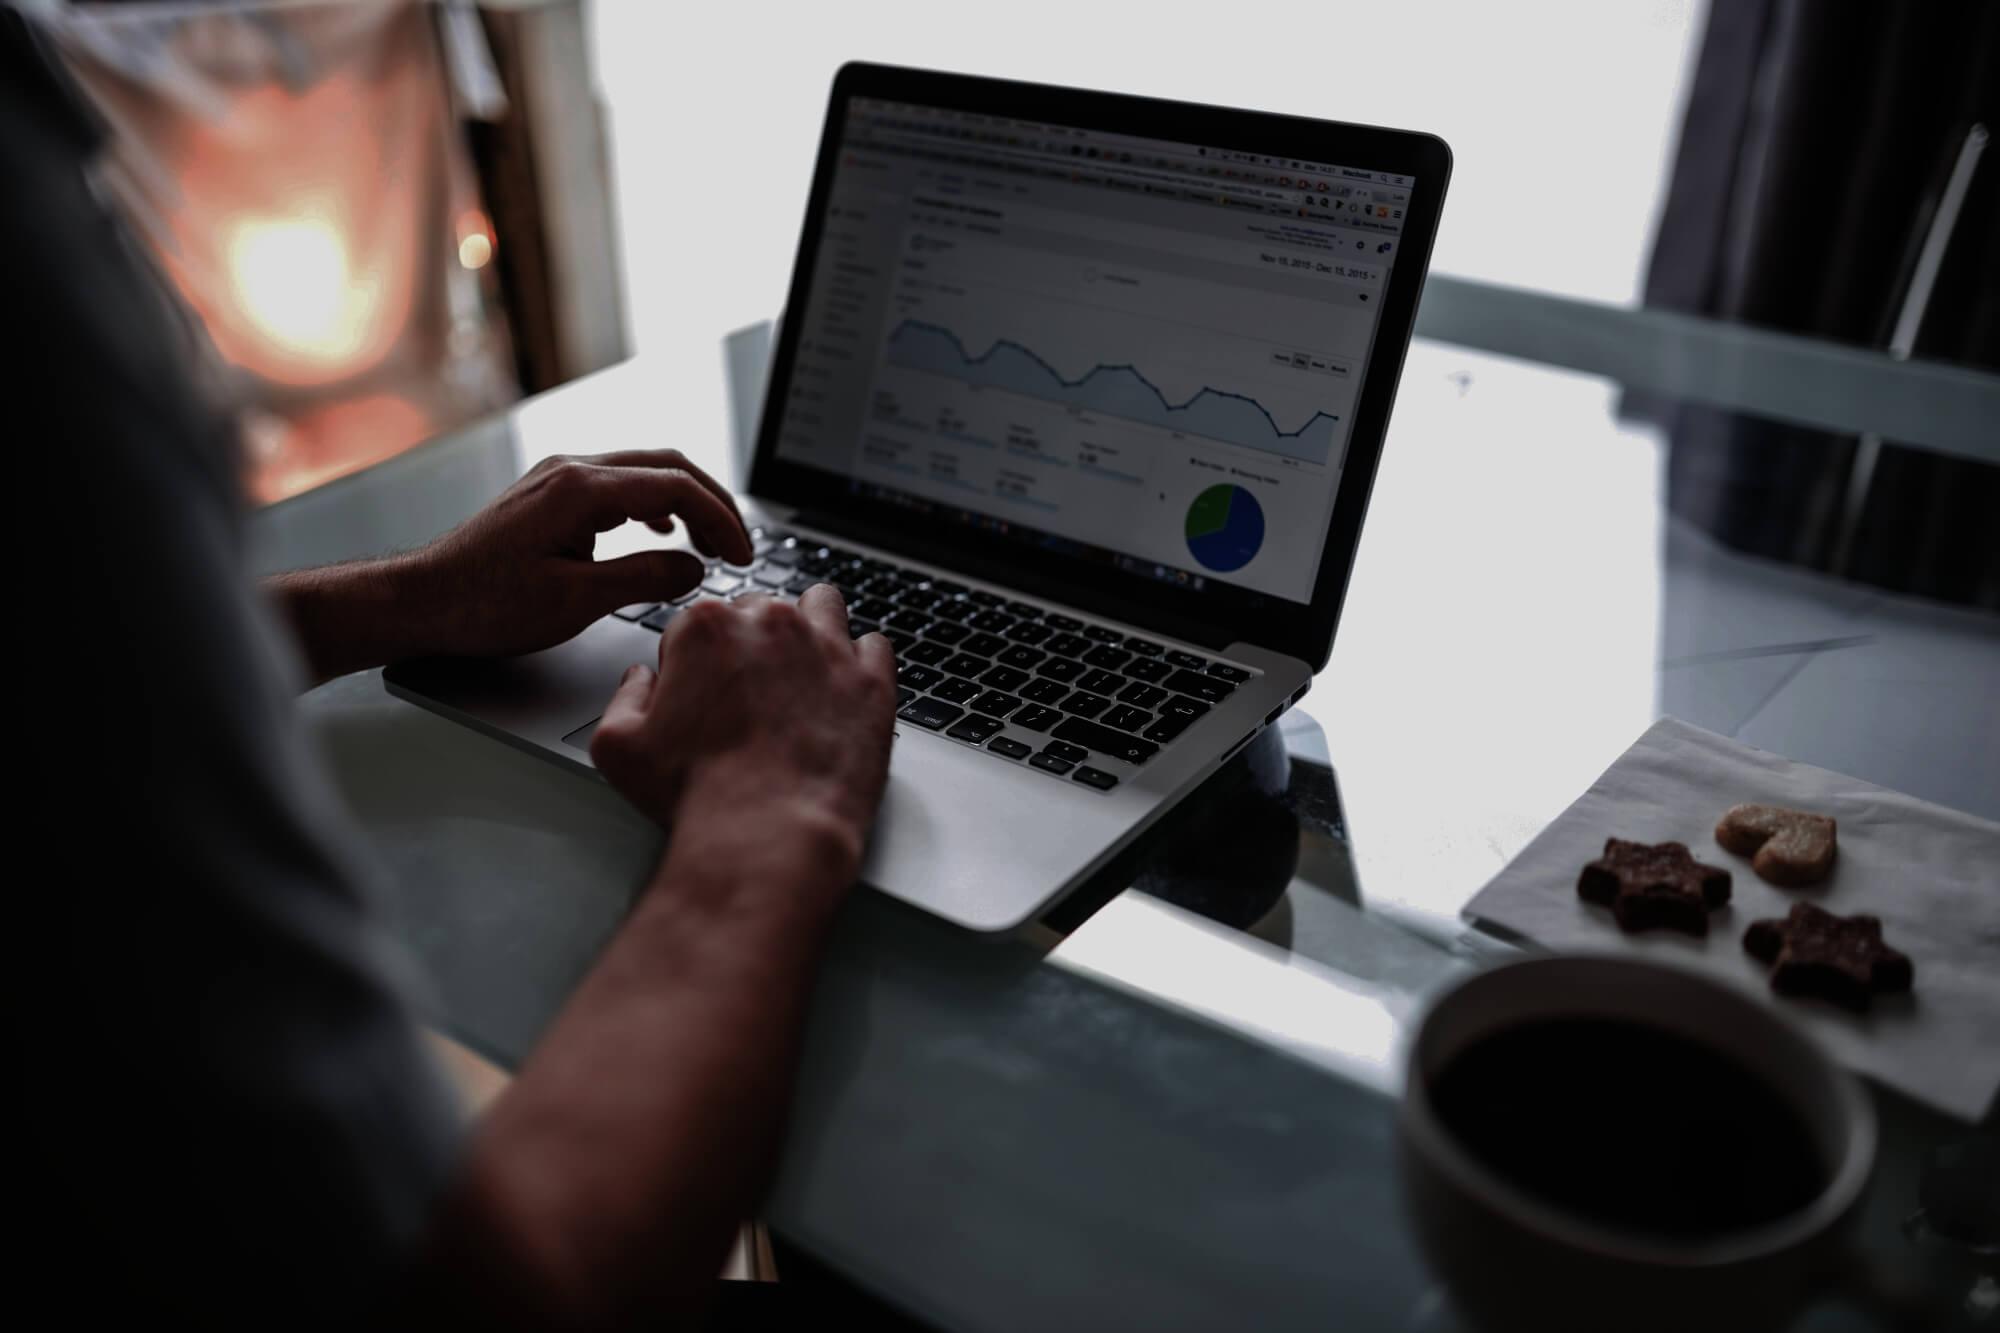 Analityka internetowa - o co w ogóle chodzi? 3